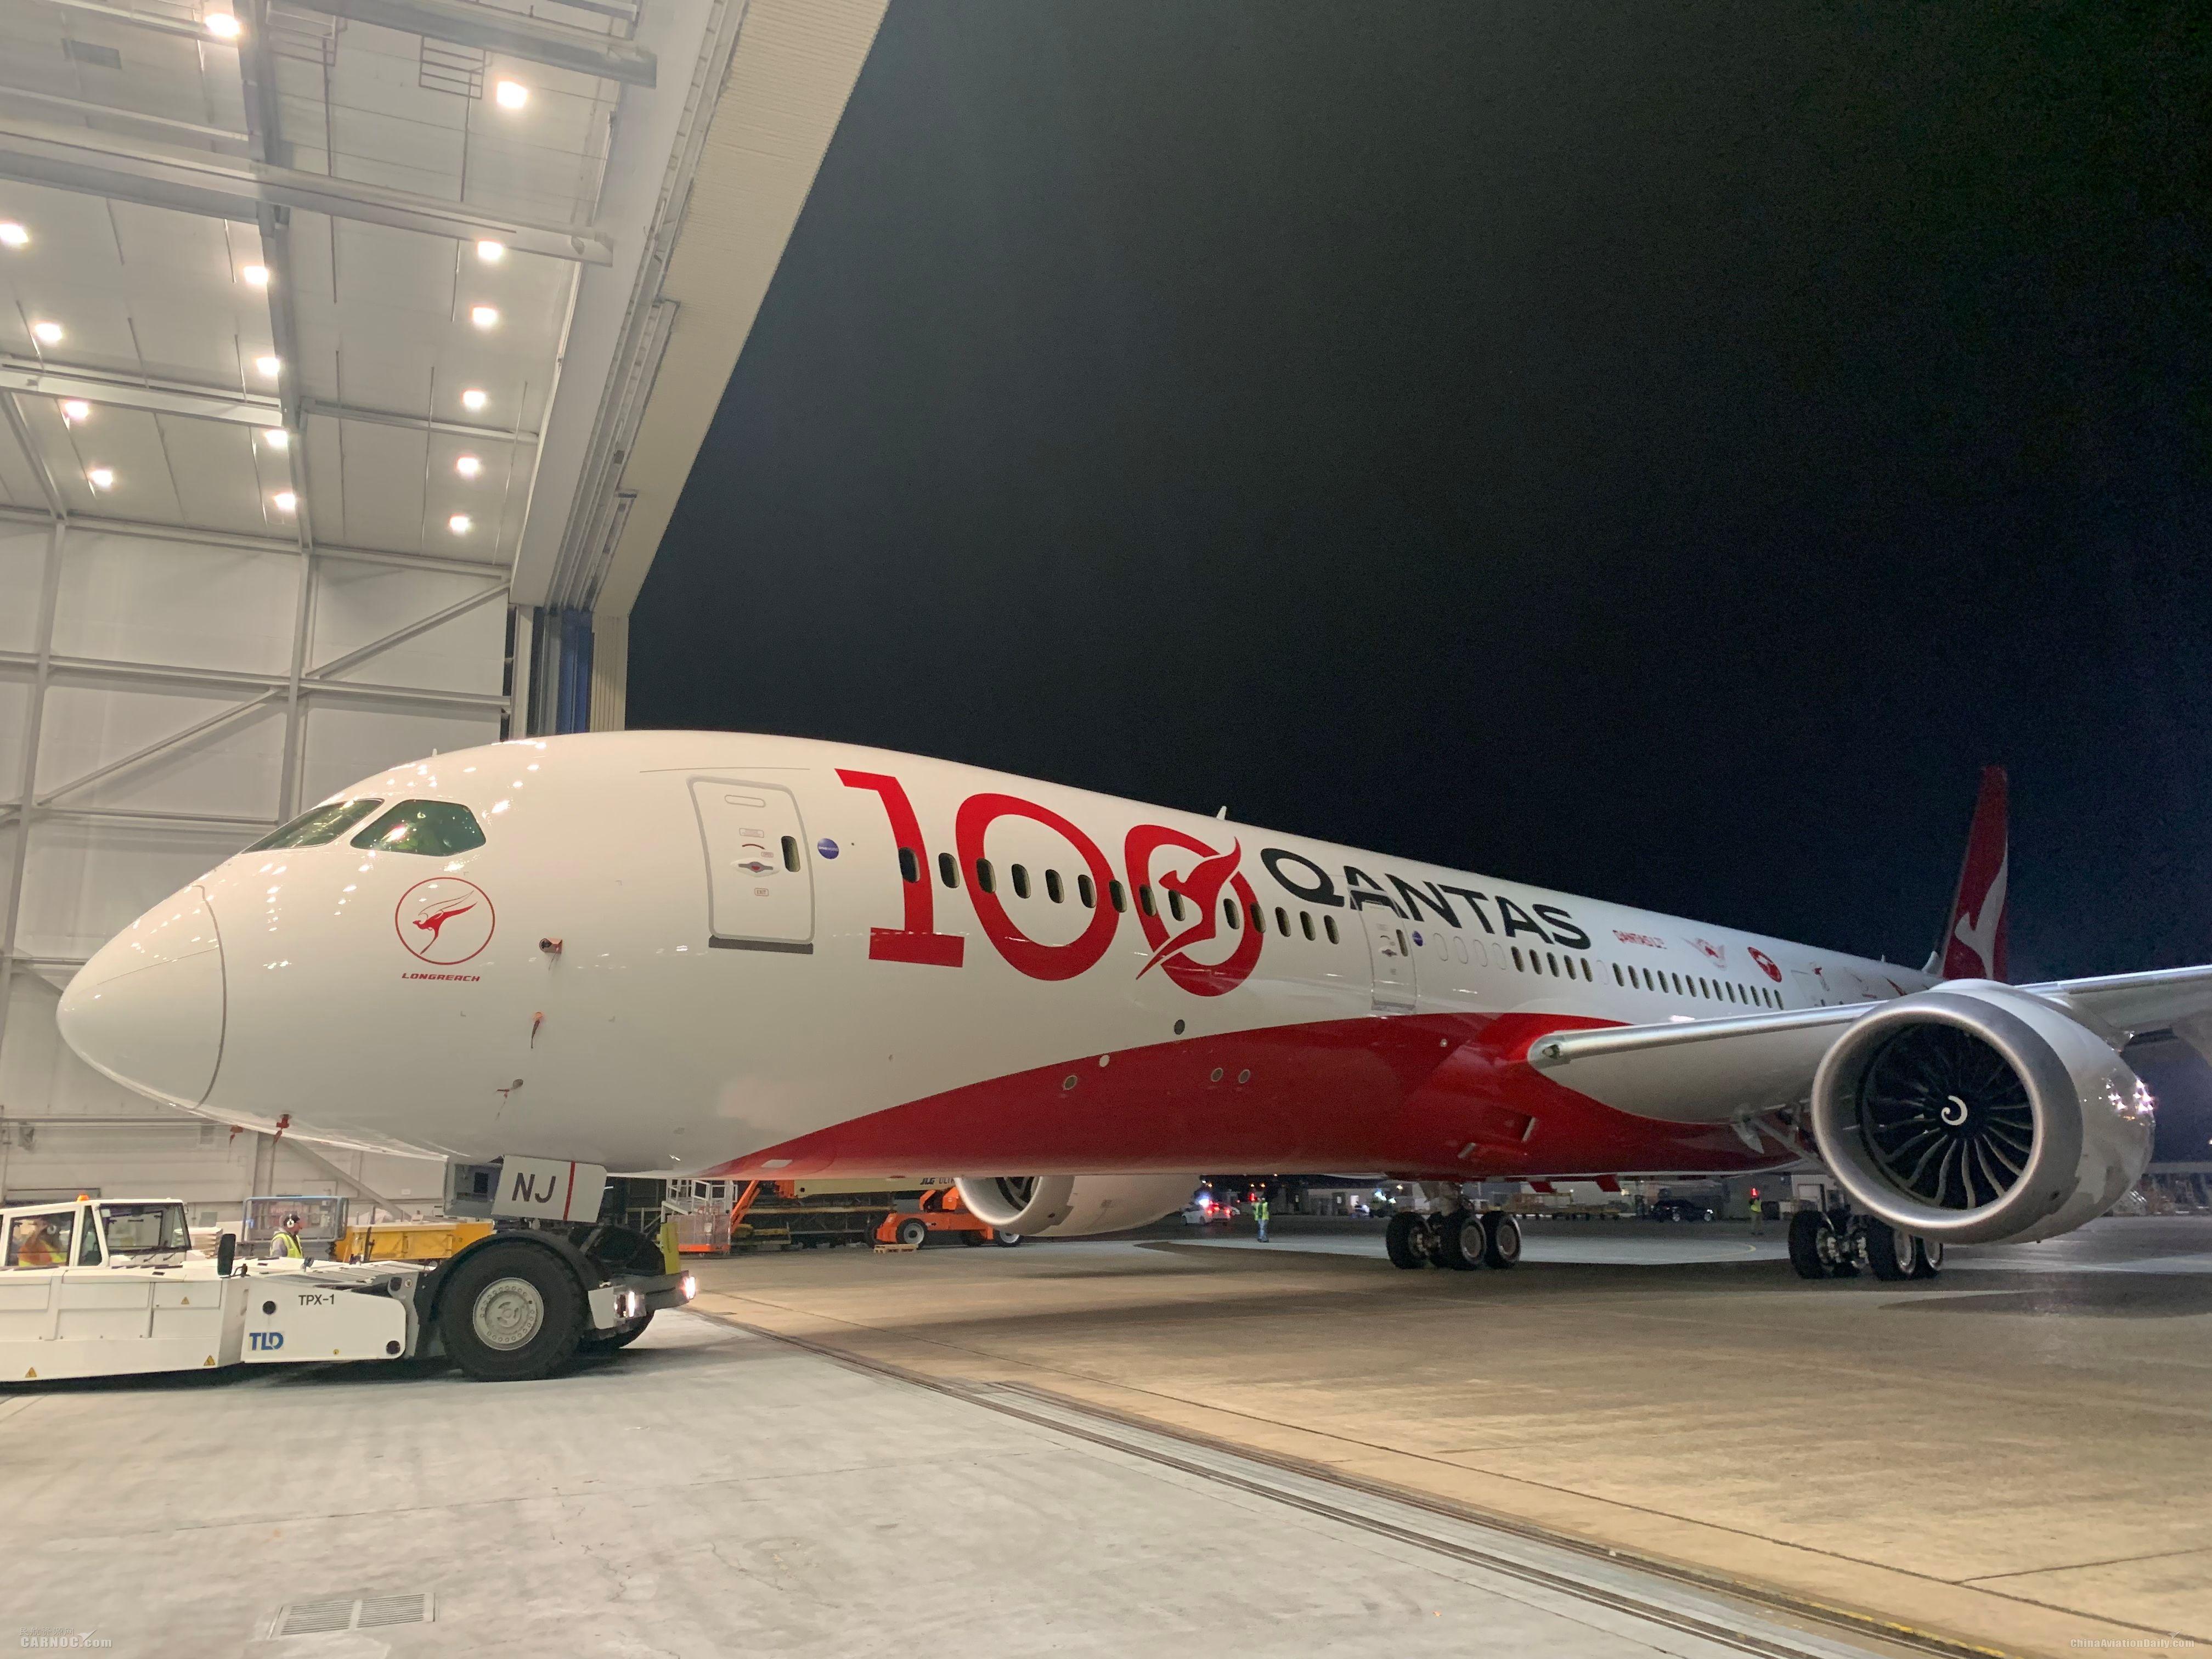 澳洲航空打造百年庆典艺术喷绘梦幻客机